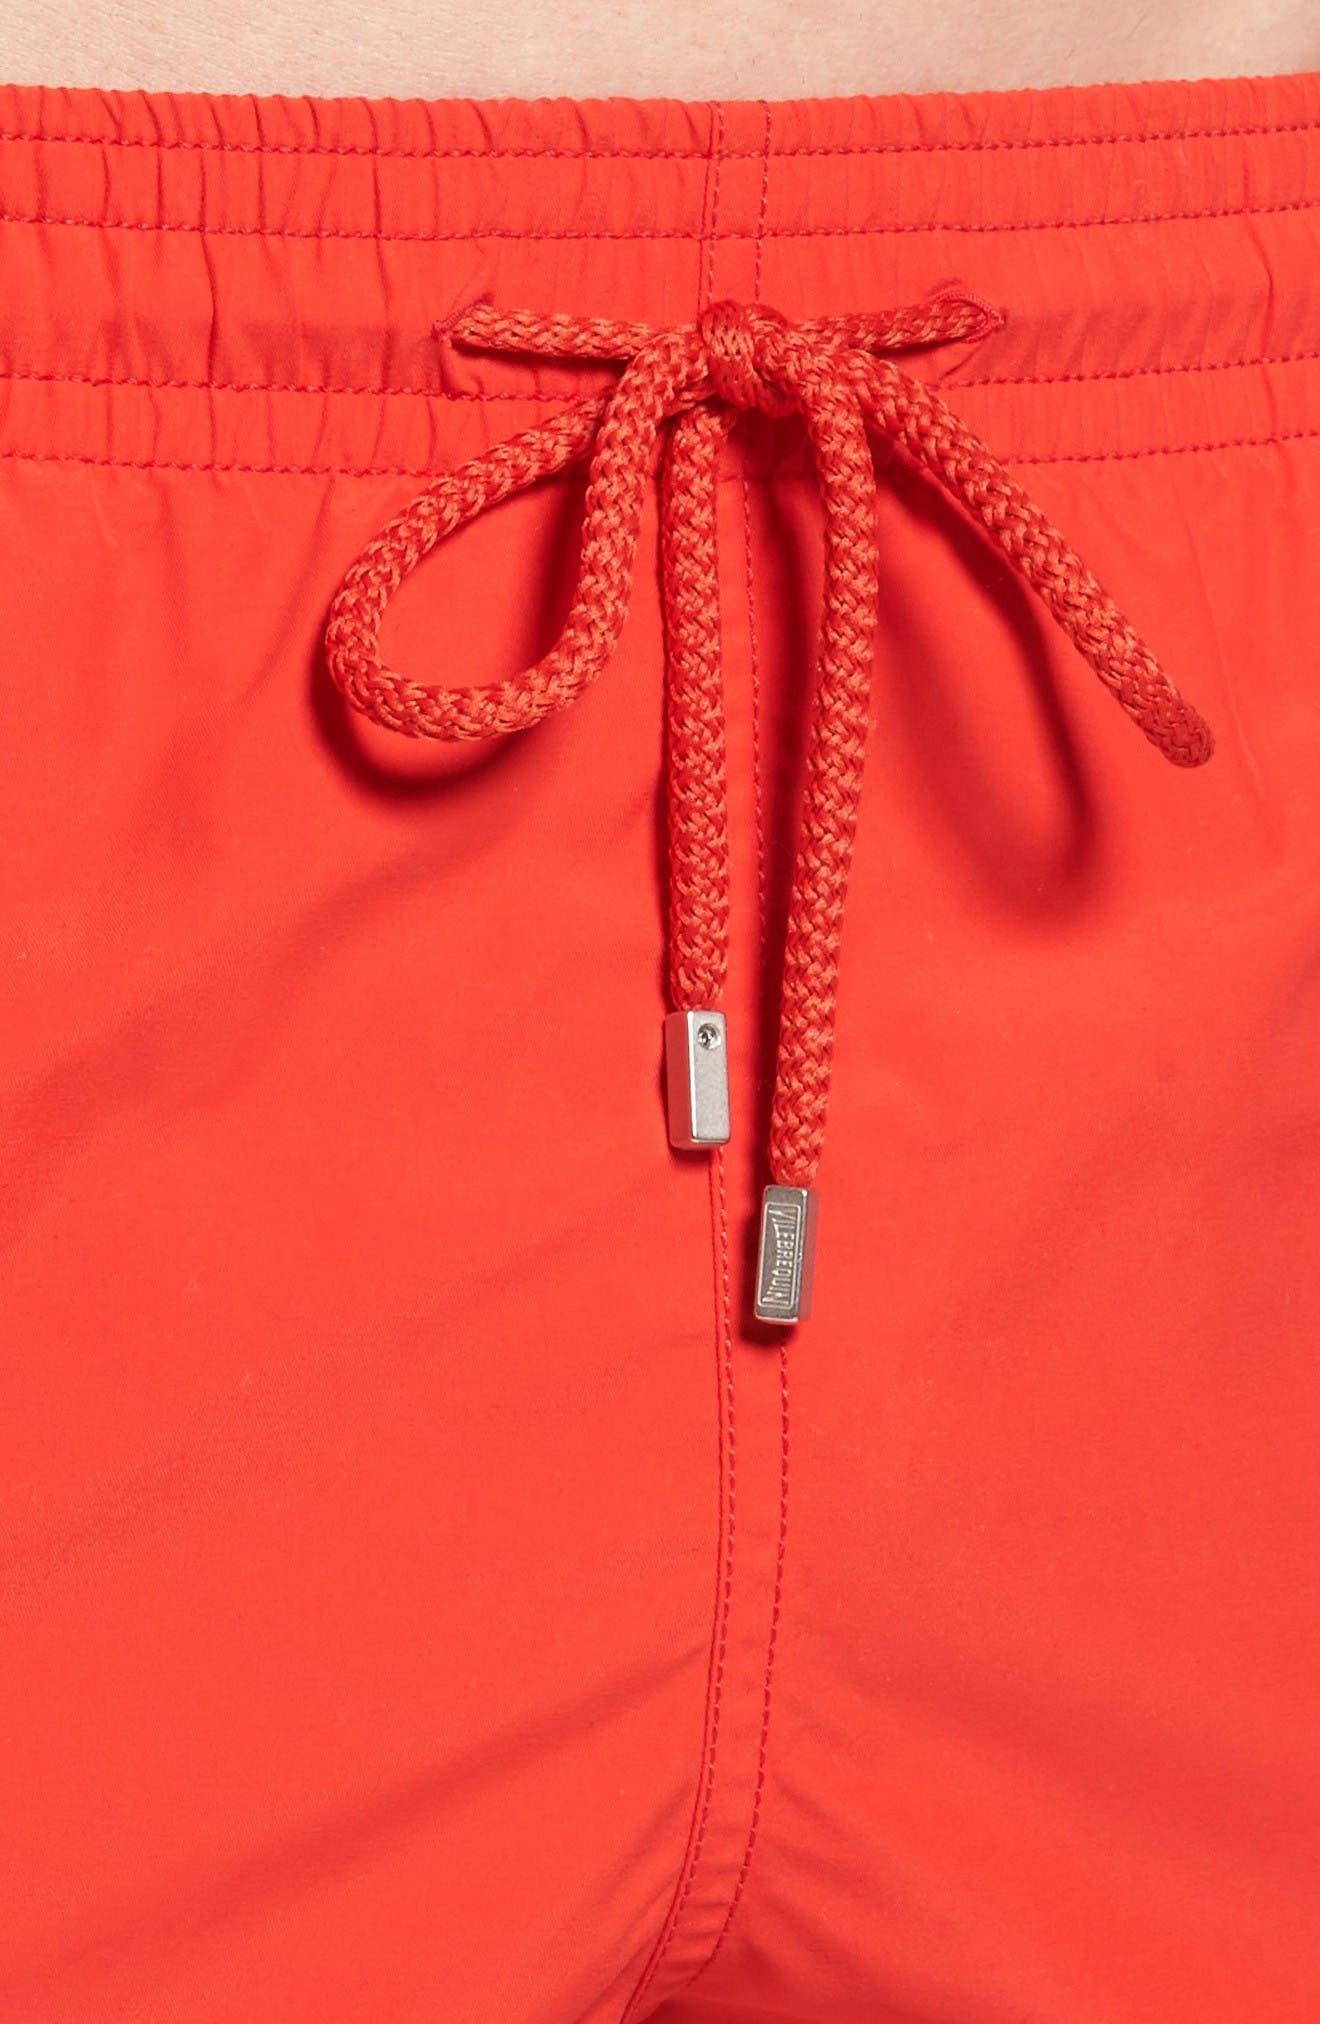 Swim Trunks,                             Alternate thumbnail 4, color,                             Poppy Red